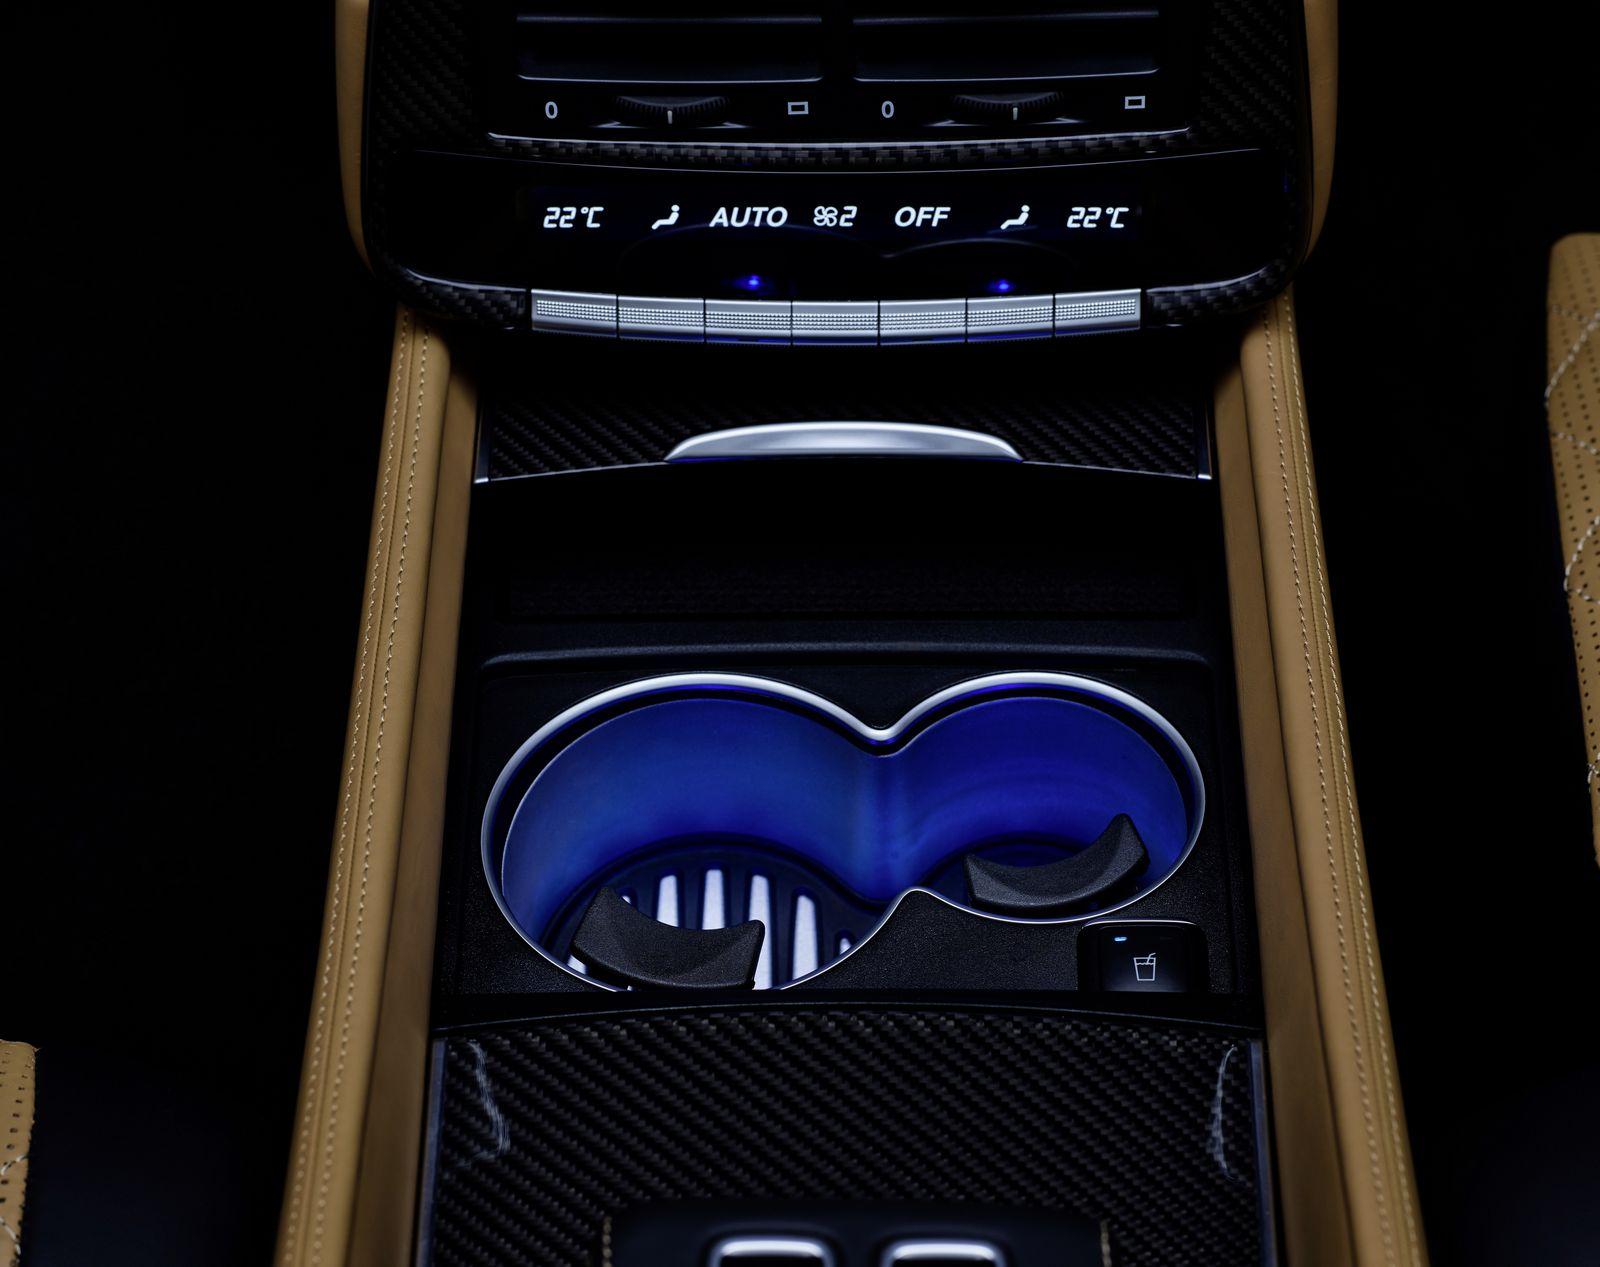 Mercedes-Maybach G 650 Landaulet ;*Kraftstoffverbrauch kombiniert: 17,0 l/100 km, CO2-Emissionen kombiniert: 397 g/kmMercedes-Maybach G 650 Landaulet; *Fuel consumption combined: 17.0 l/100 km, CO2 emissions combined: 397 g/km